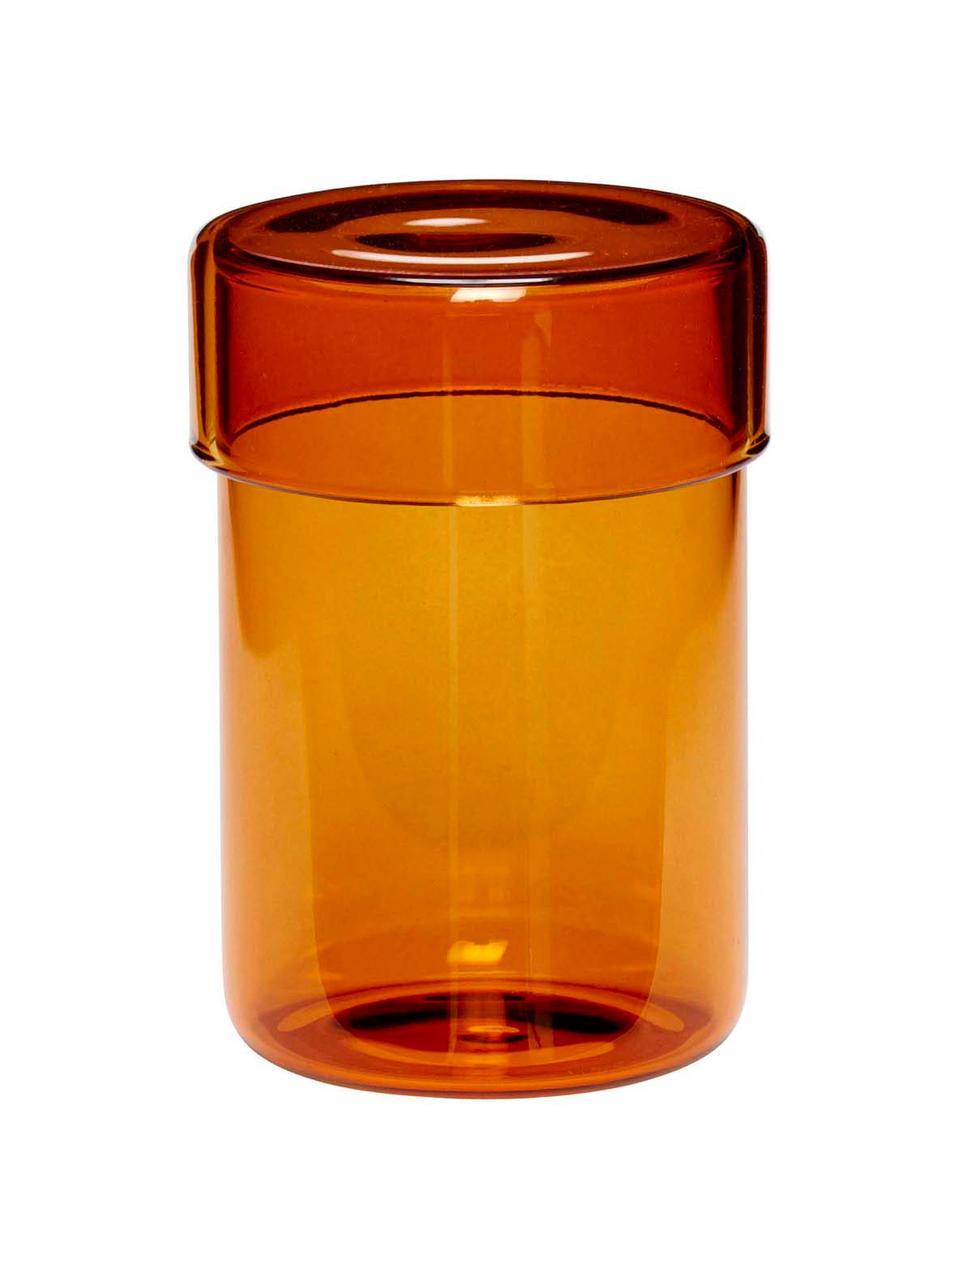 Komplet pojemników do przechowywania Transisto, 2 elem., Szkło, Odcienie bursztynowego, Komplet pojemników S